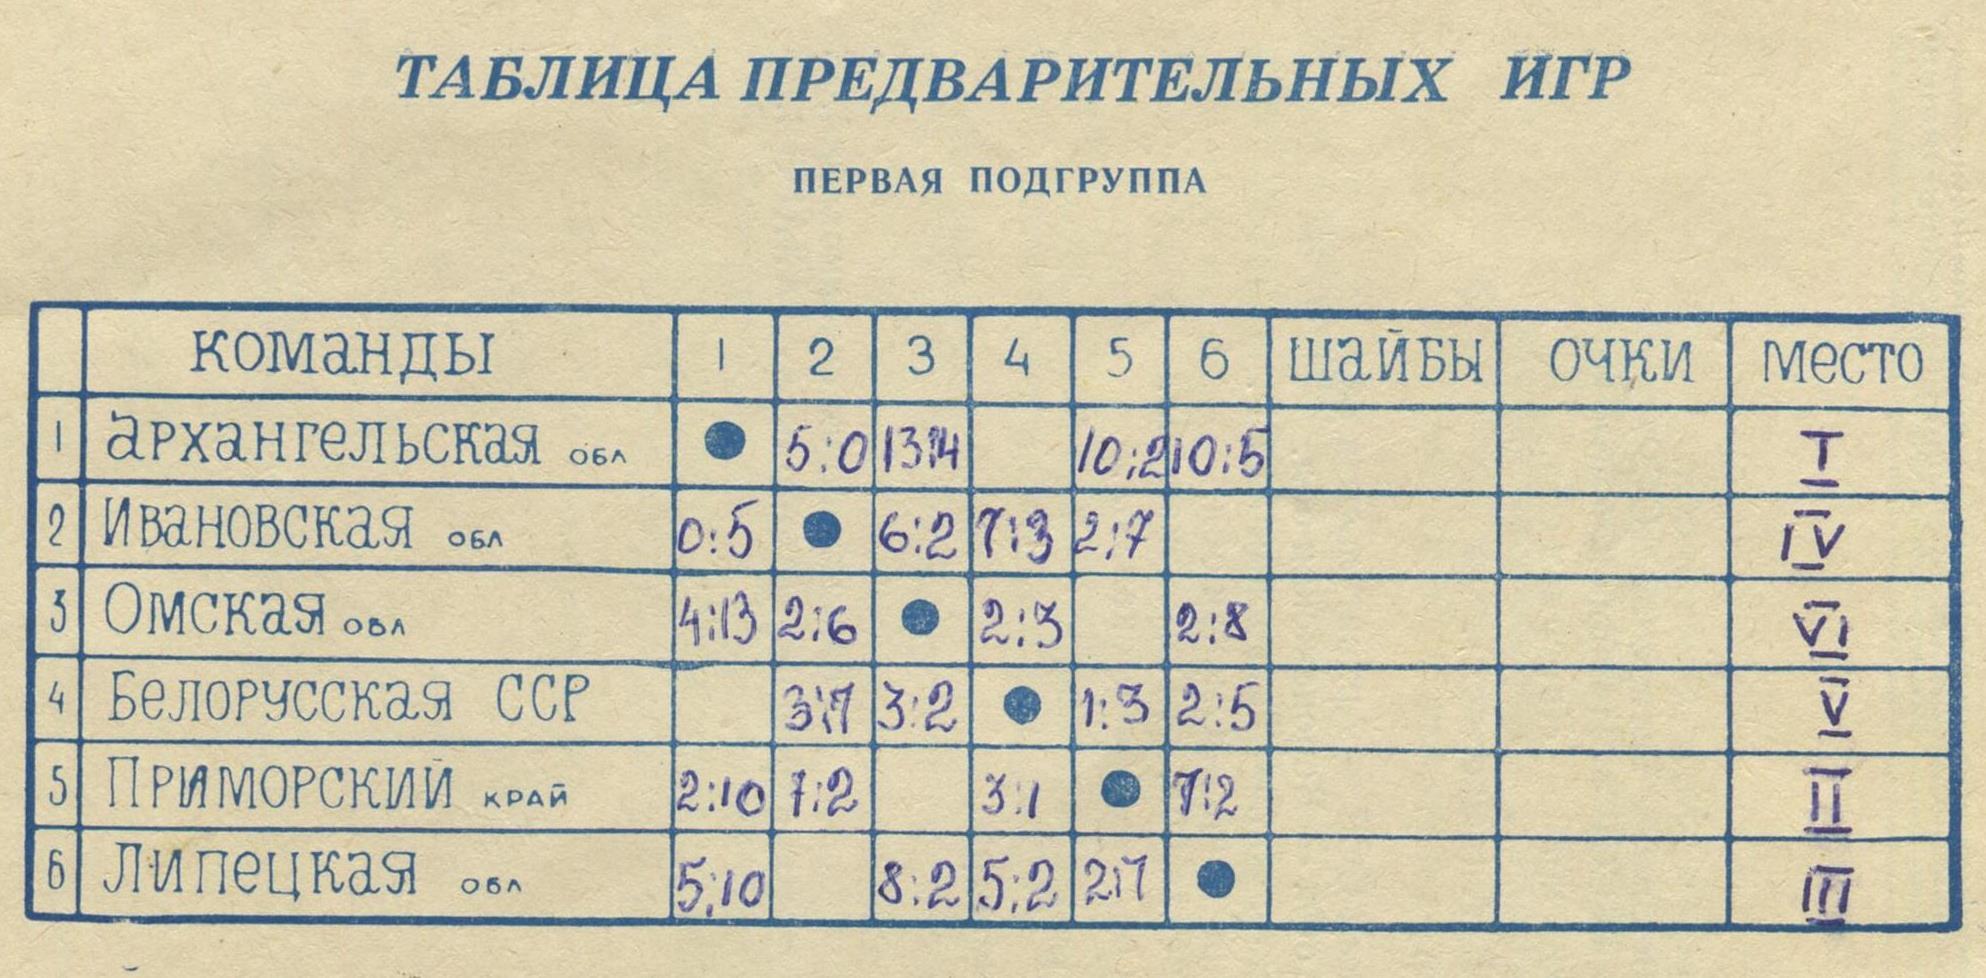 табл 1.jpg